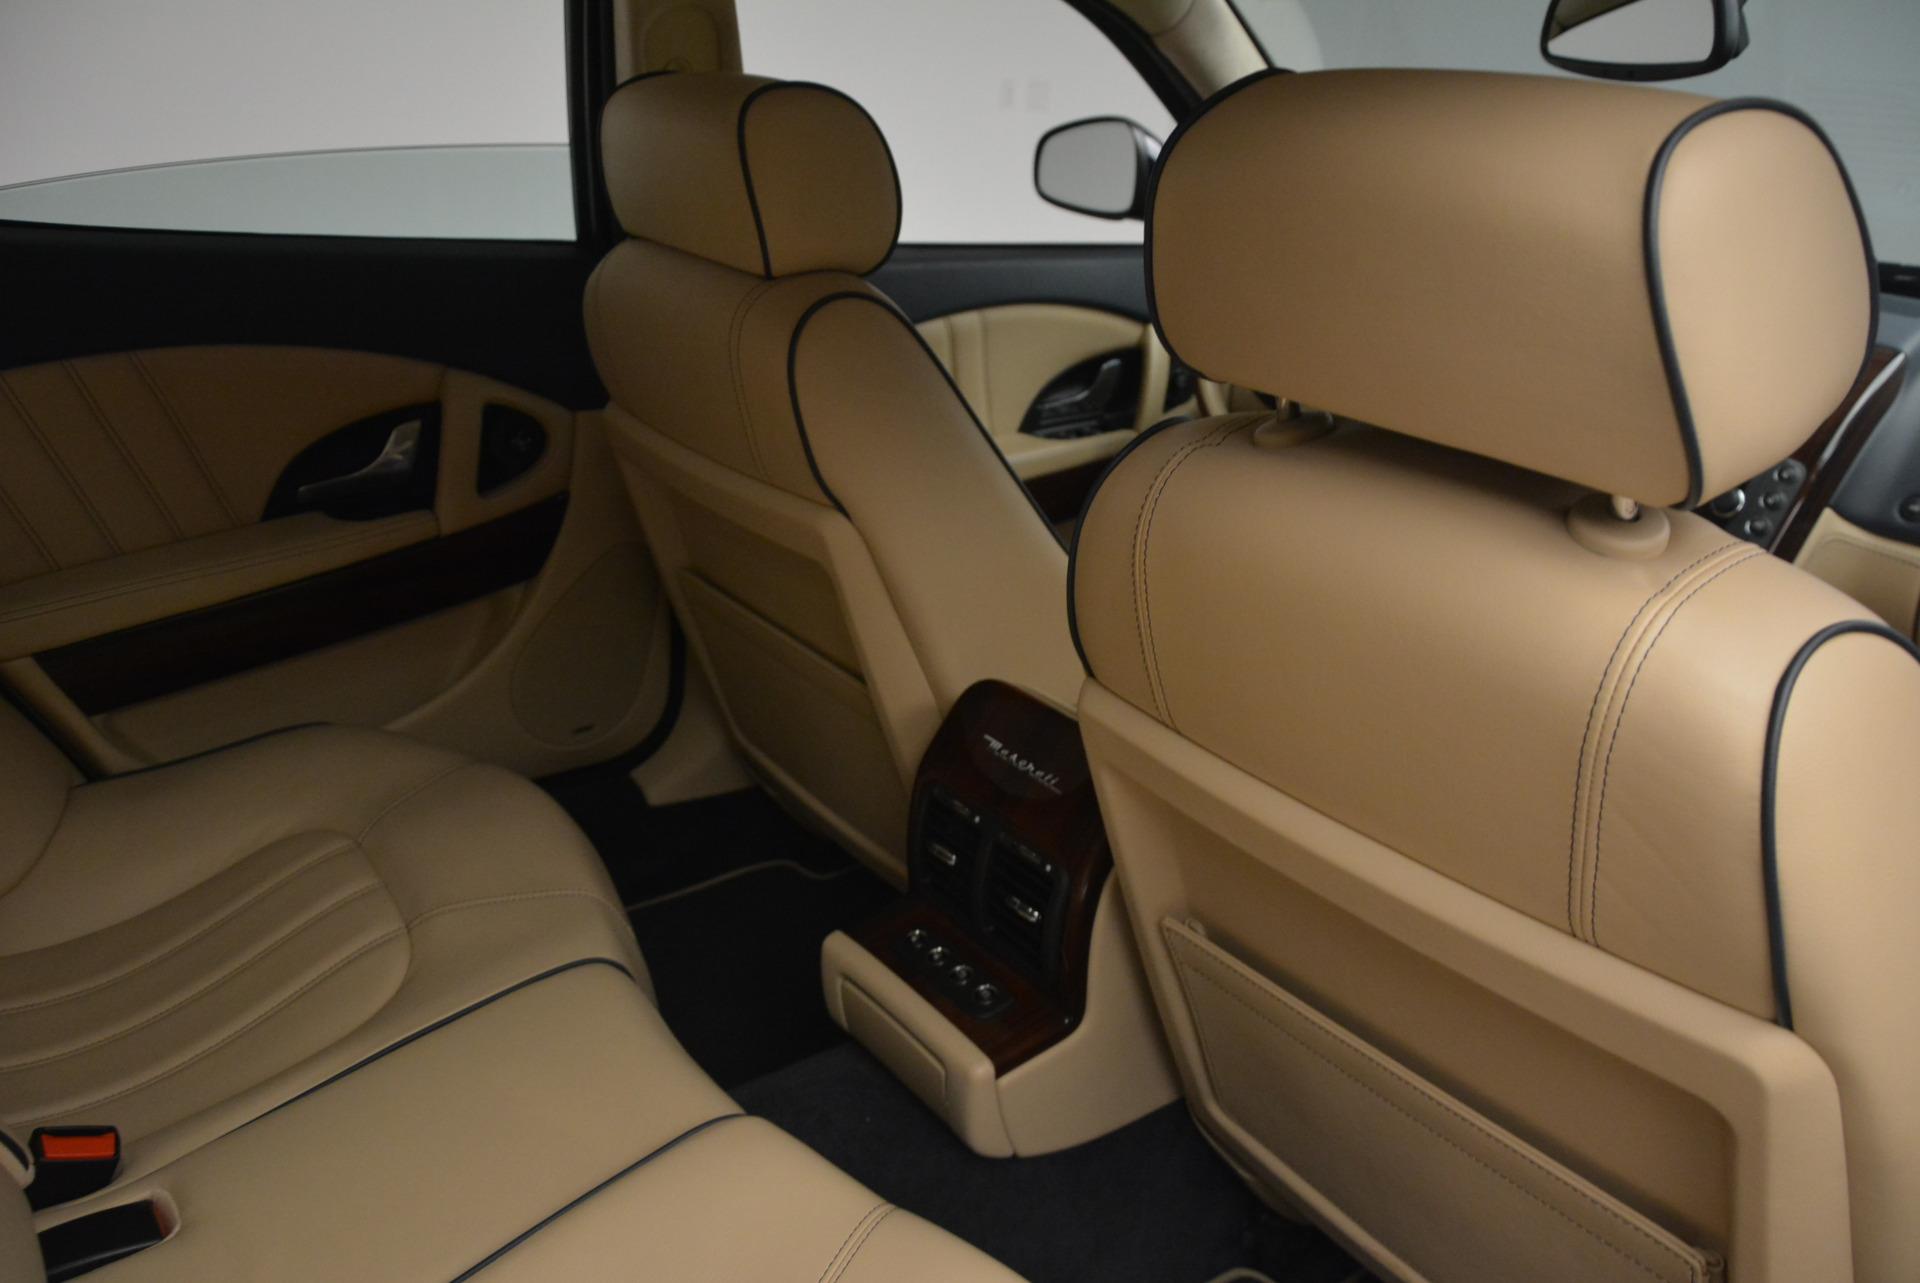 Used 2010 Maserati Quattroporte S For Sale In Greenwich, CT. Alfa Romeo of Greenwich, 1267 795_p22